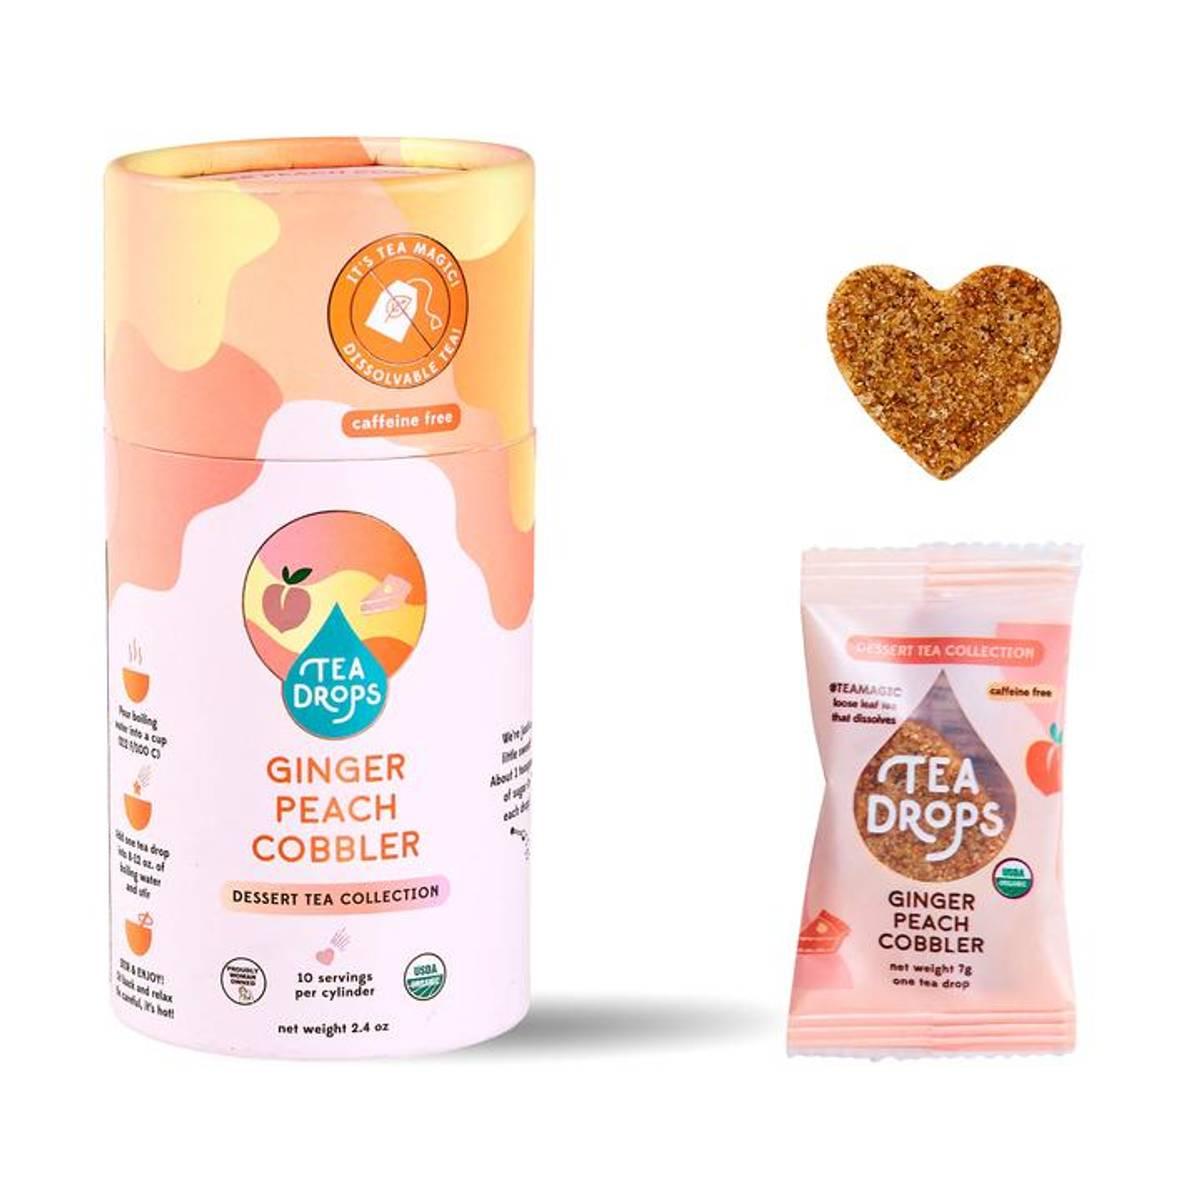 10 stk Ginger Peach Cobbler, økologisk te i tube / Tea Drops